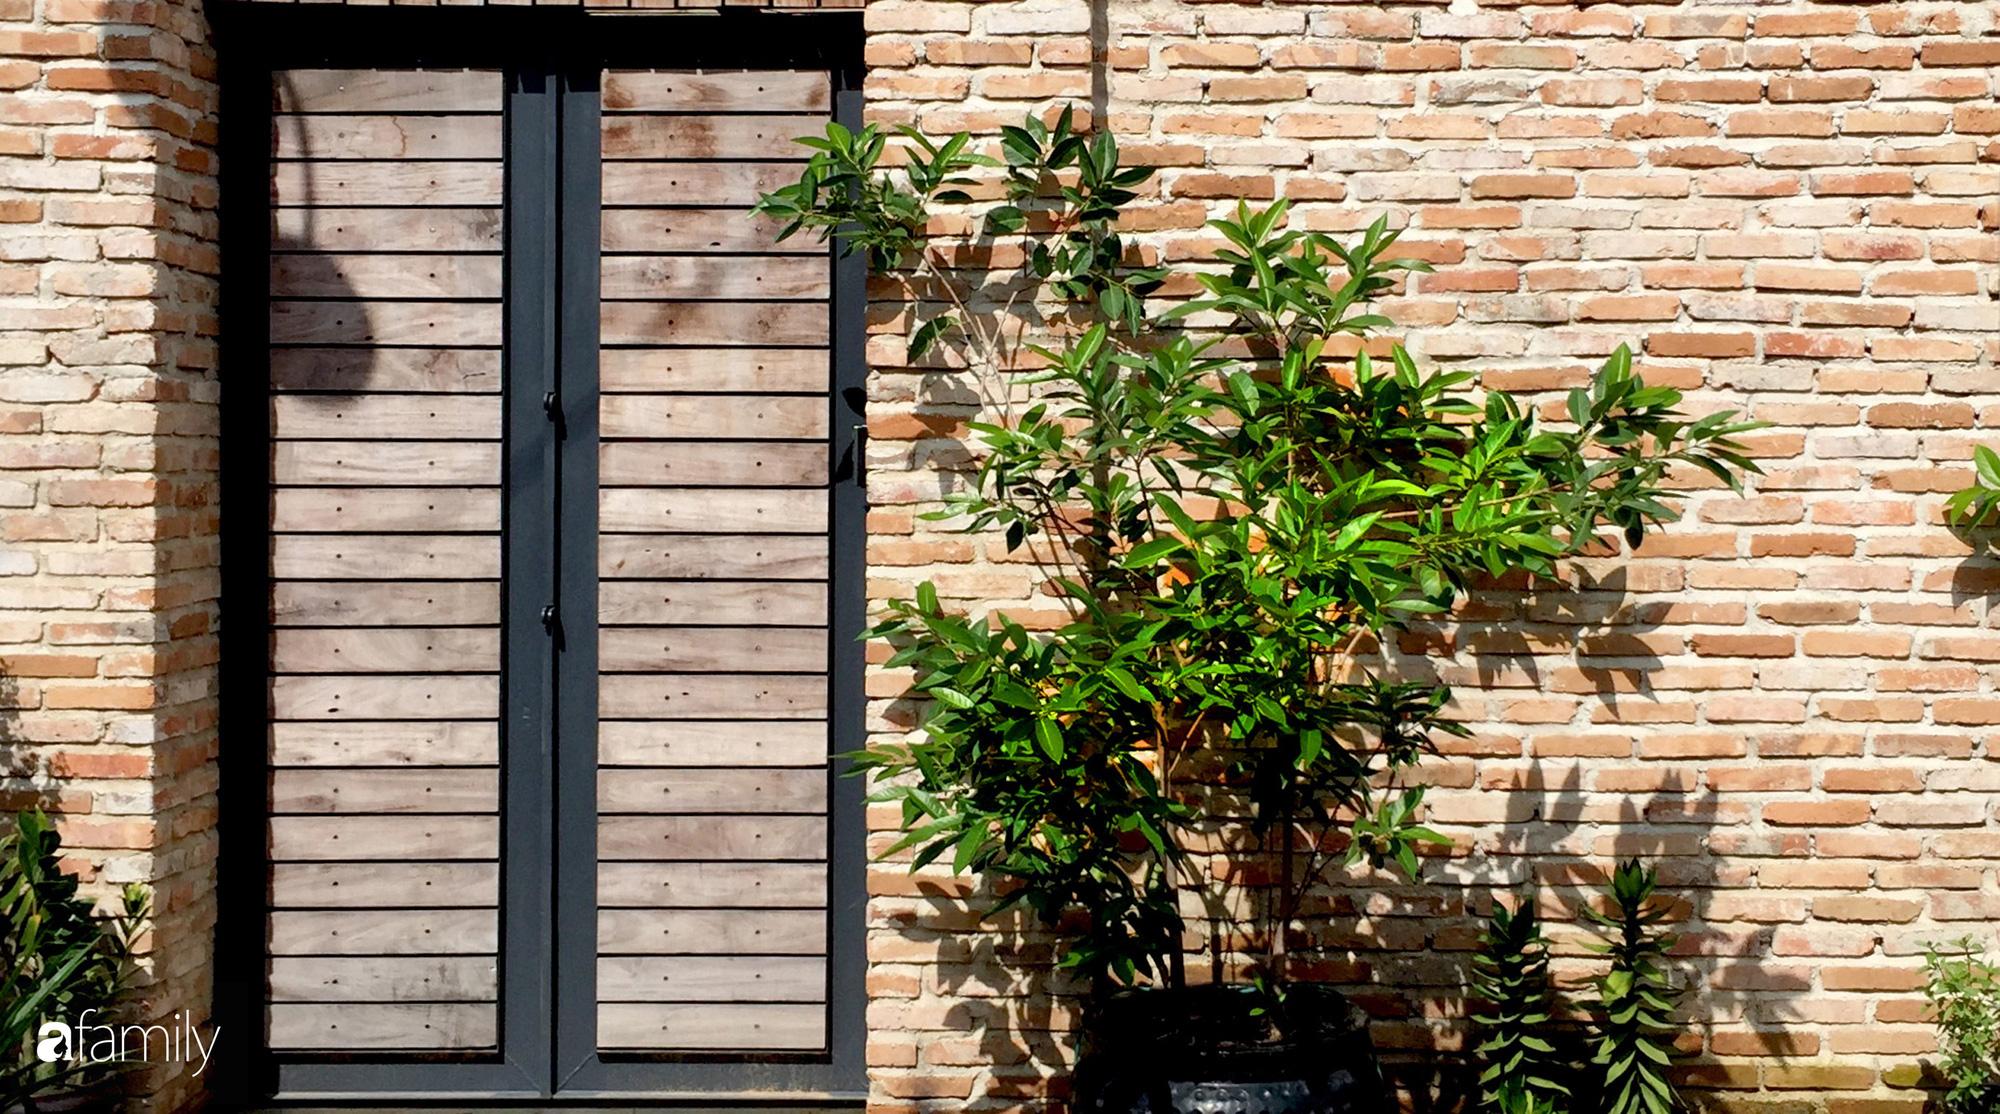 Ngôi nhà rộn ràng sắc màu cây xanh và ánh sáng ai ngắm cũng yêu ở TP Biên Hòa, Đồng Nai - Ảnh 5.